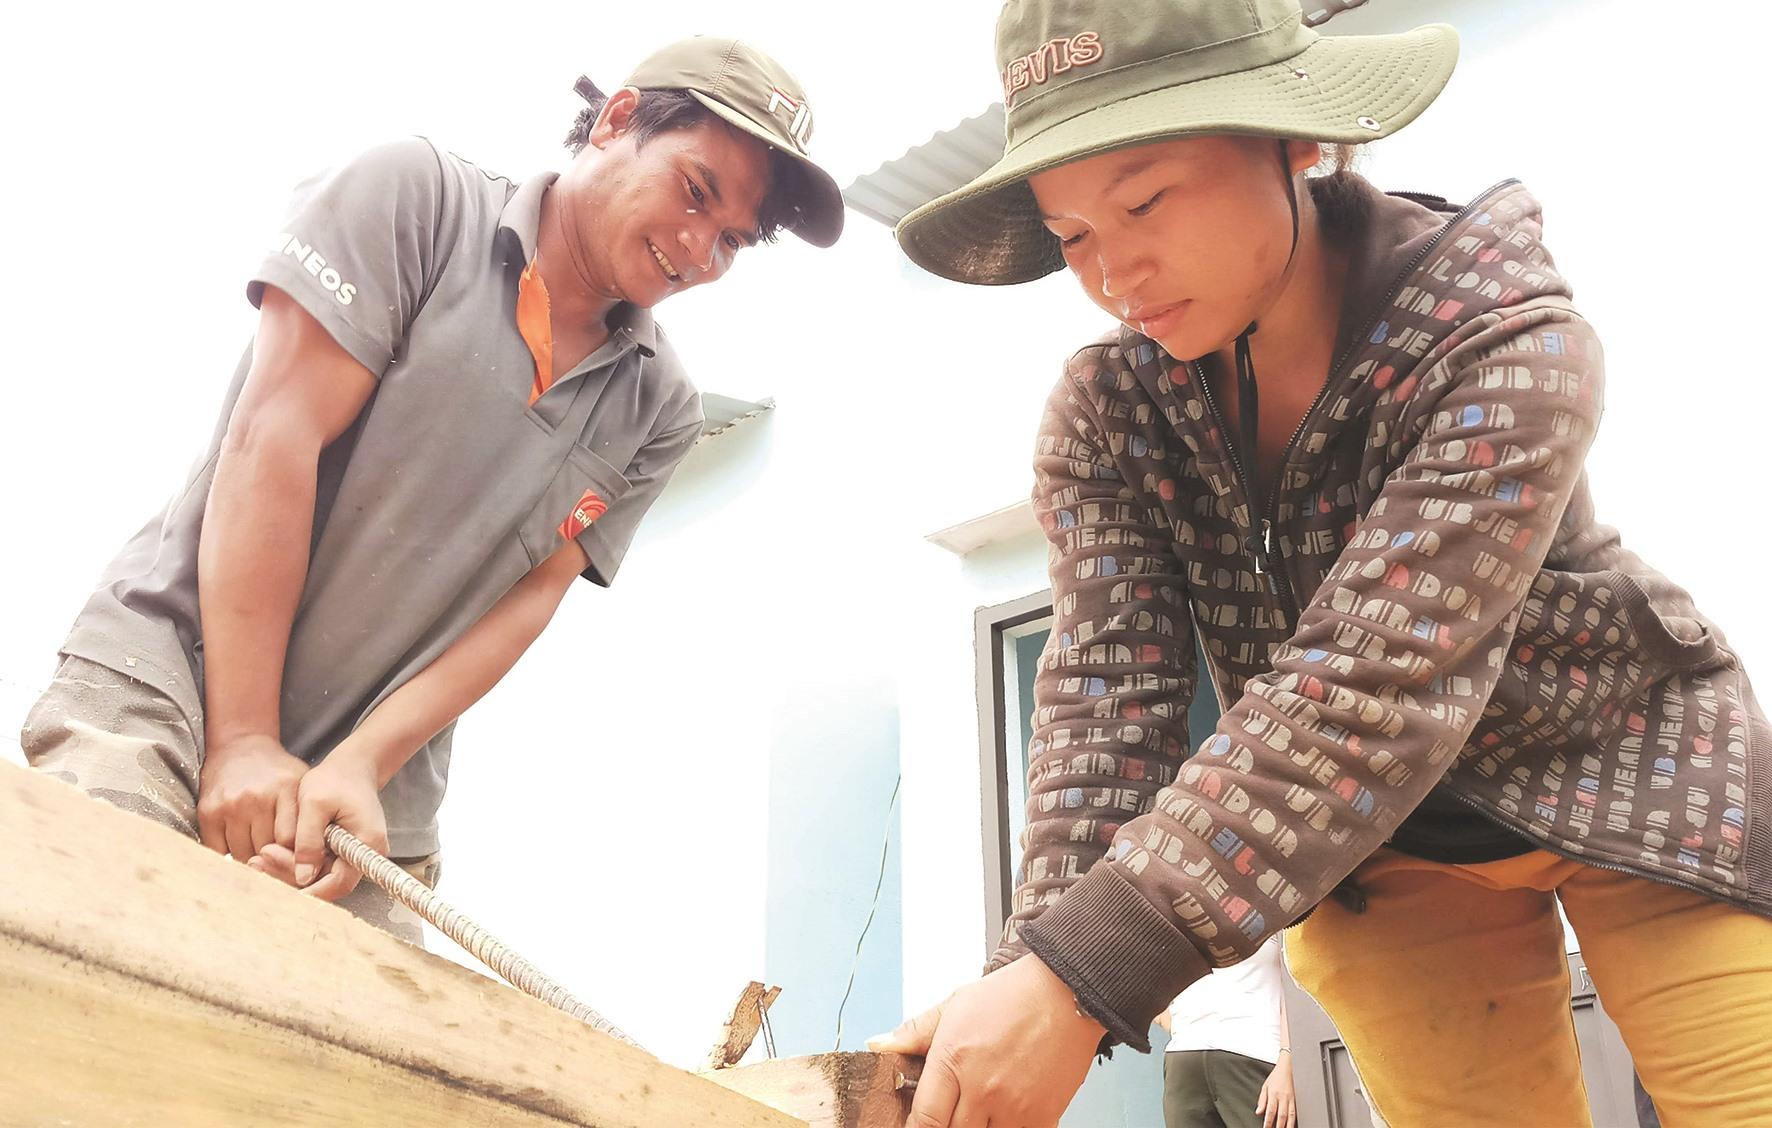 Không chỉ đàn ông, nhiều ngày qua, chị em phụ nữ Giẻ Triêng cũng tham gia dựng nhà, quét dọn vệ sinh môi trường...